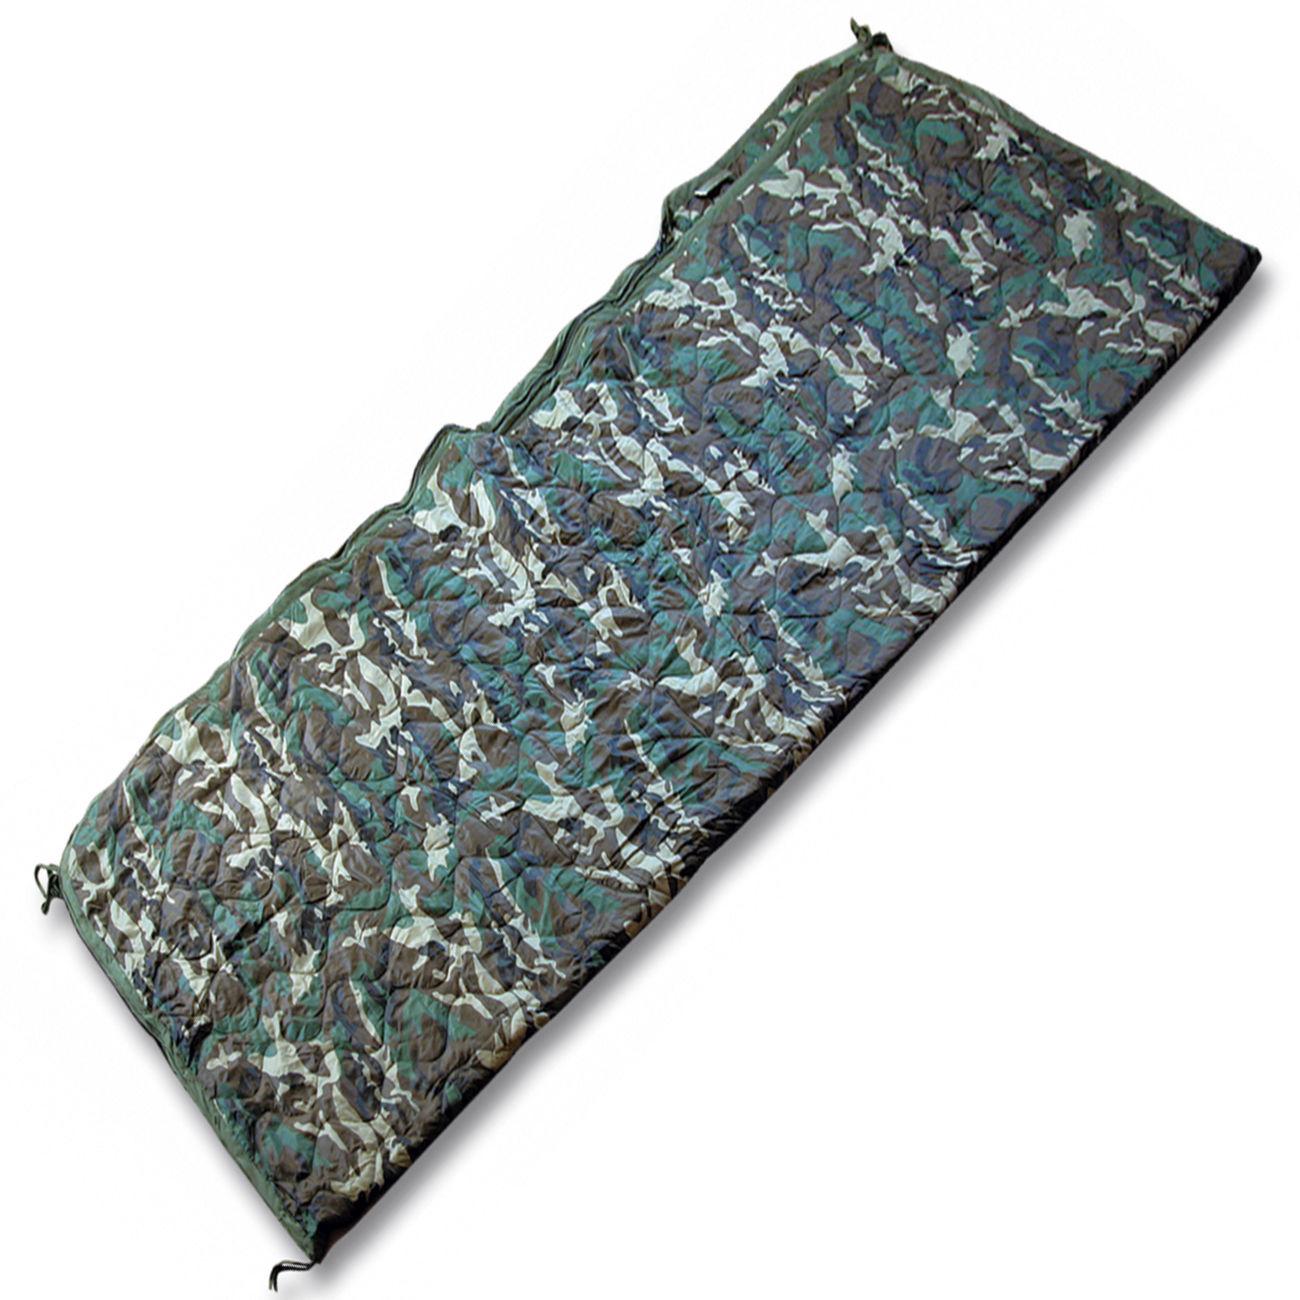 poncho liner steppdecke mit rei verschluss woodland g nstig kaufen kotte zeller. Black Bedroom Furniture Sets. Home Design Ideas